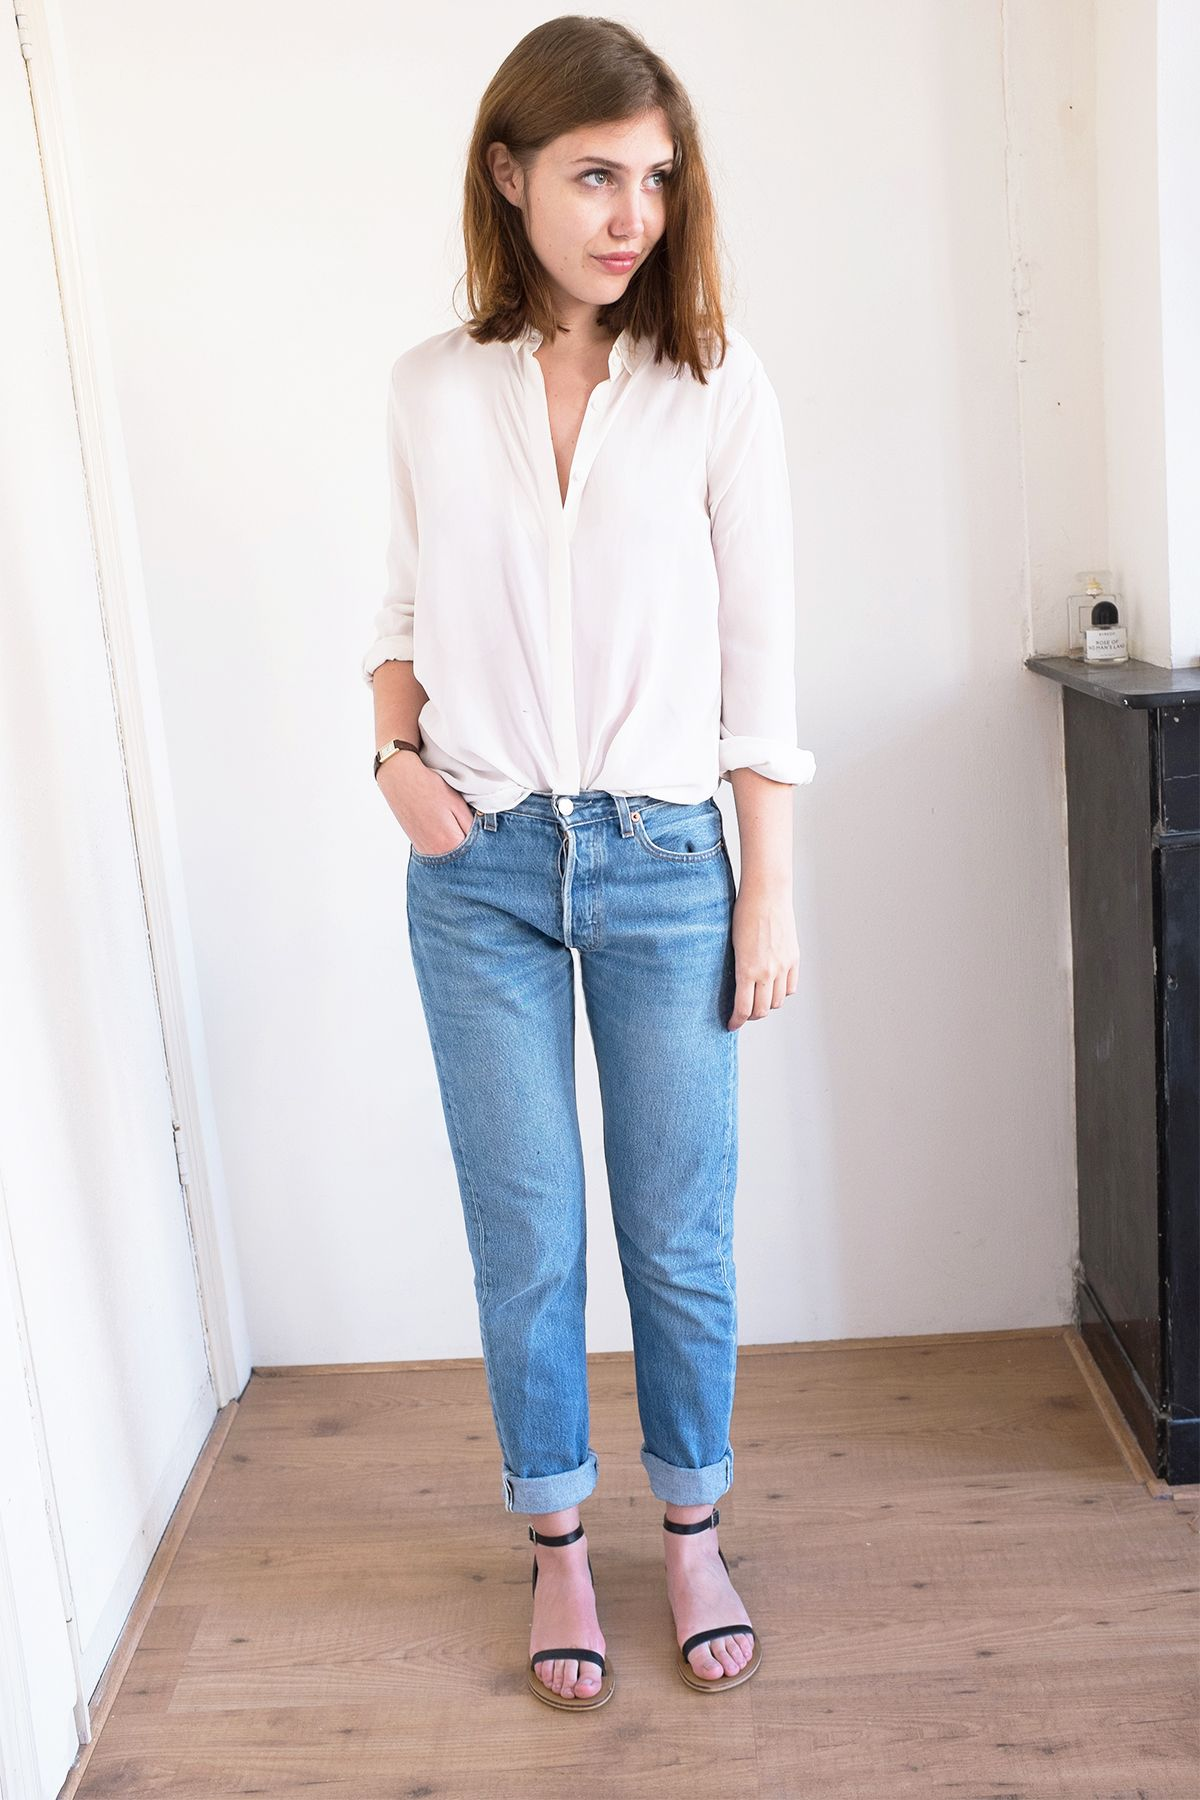 8b11ffad Vintage Levis 501 Jeans Outfit (Sartreuse) | Spark Joy! | Jean ...